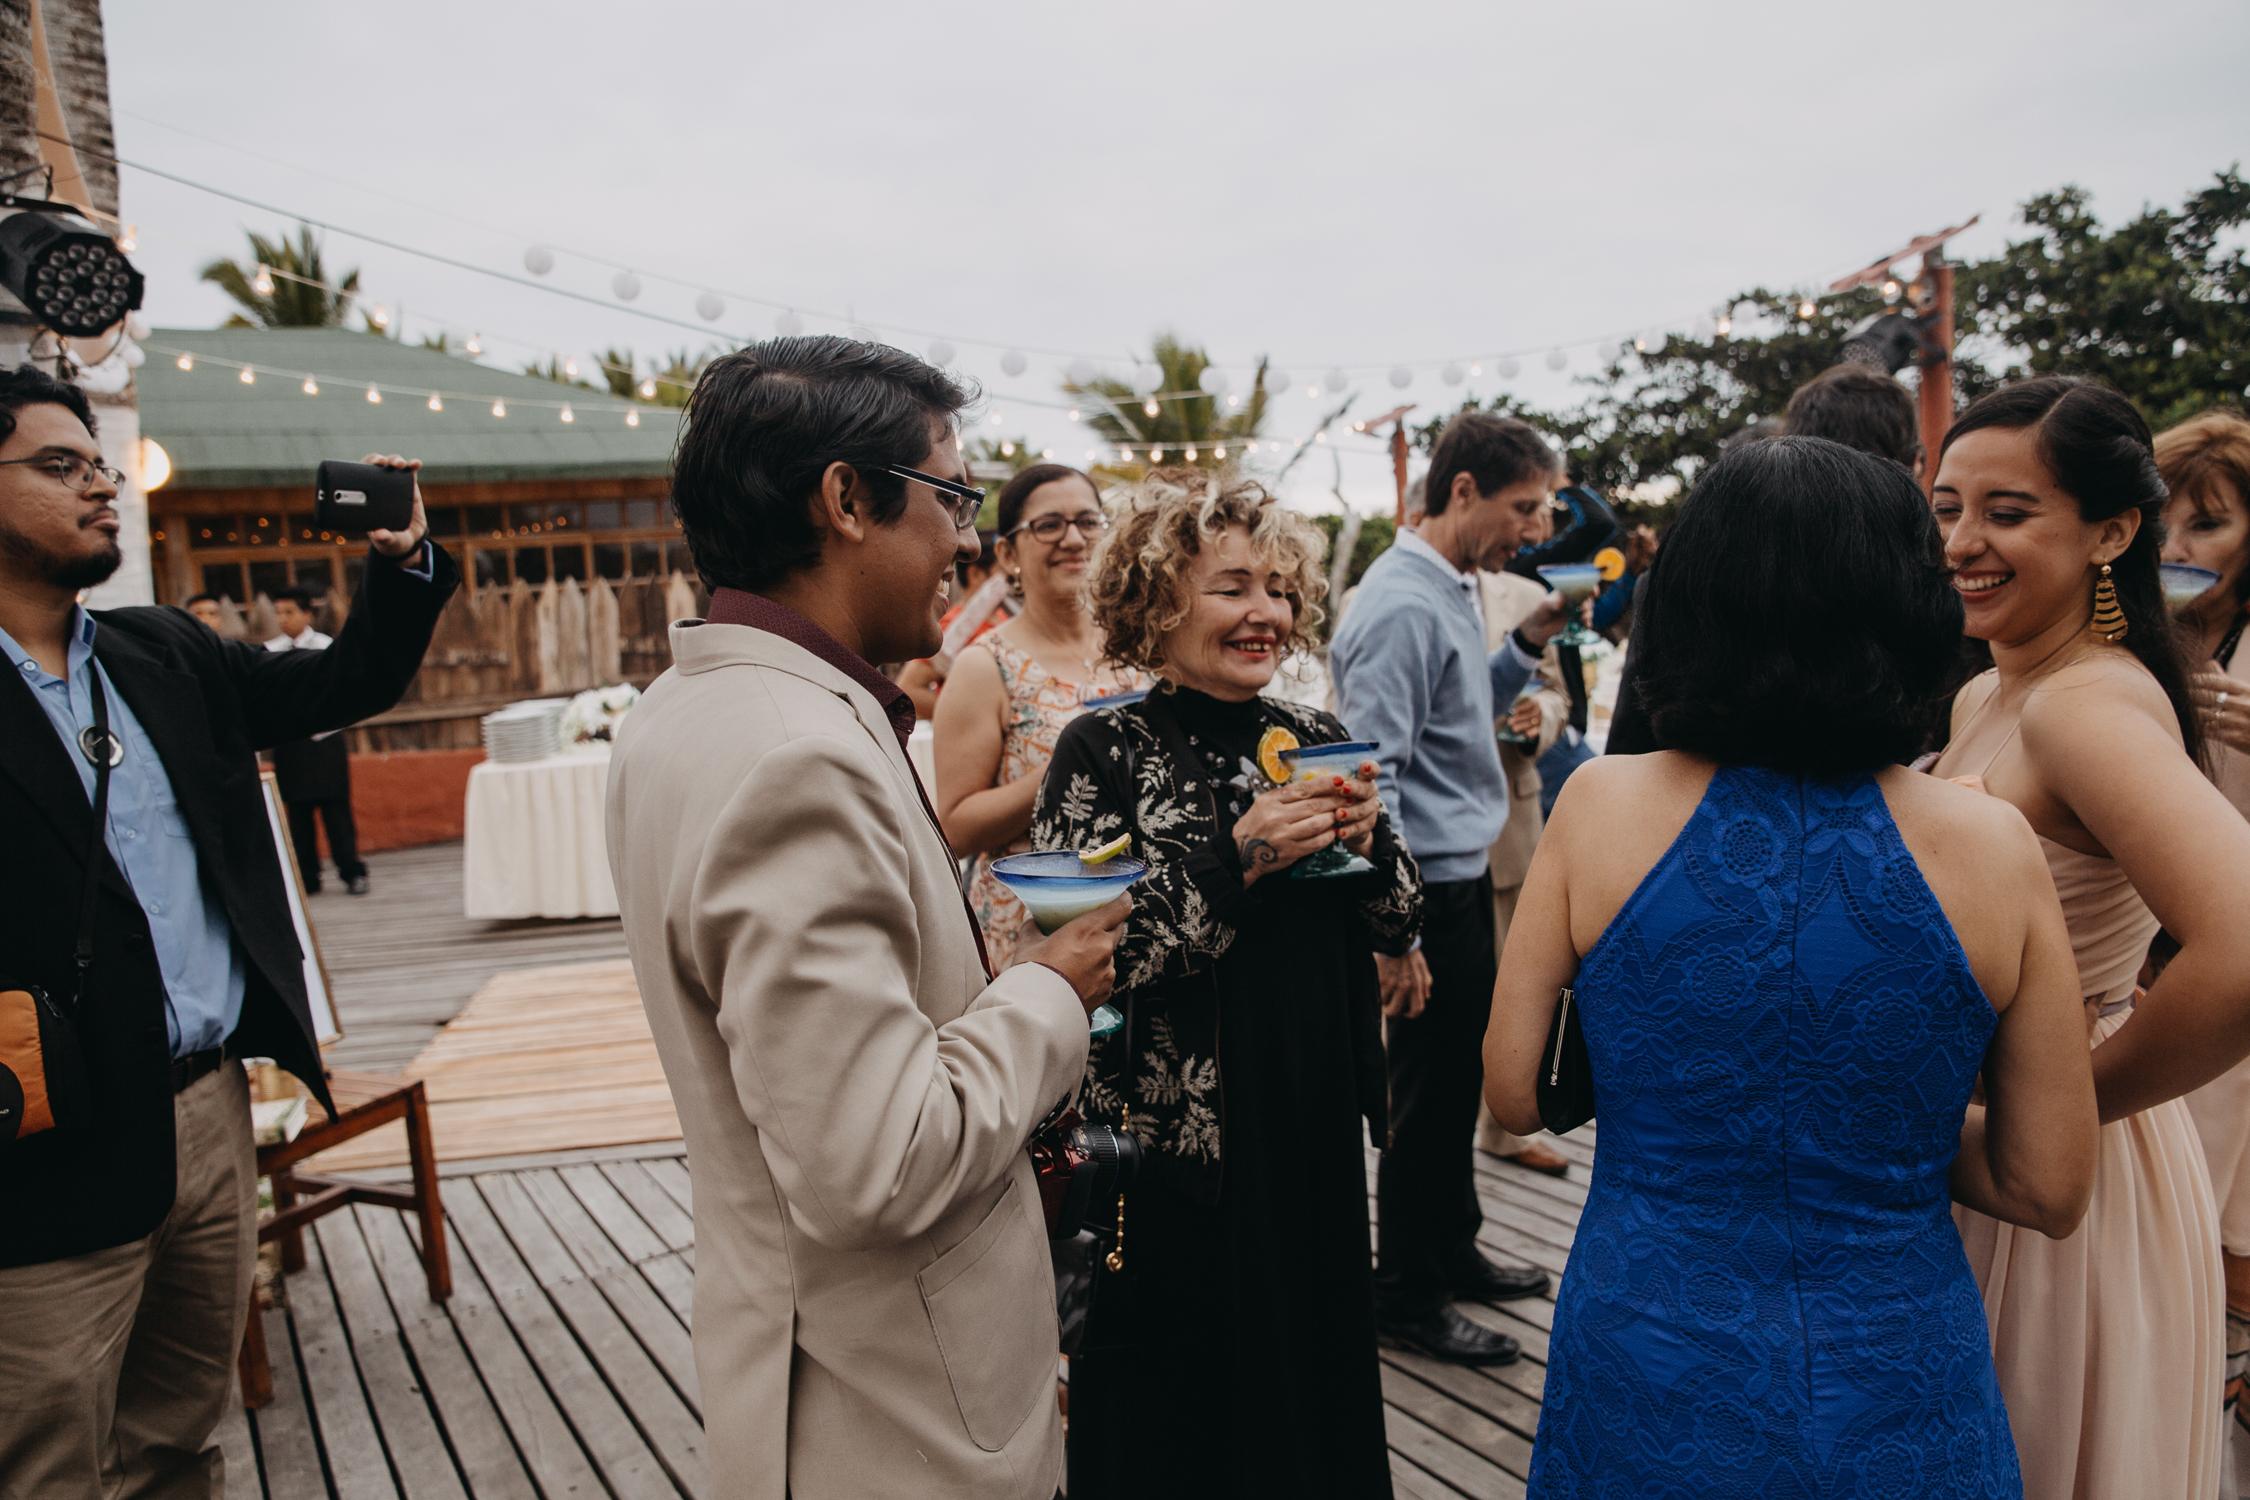 Michelle-Agurto-Fotografia-Bodas-Ecuador-Destination-Wedding-Photographer-Galapagos-Andrea-Joaquin-176.JPG